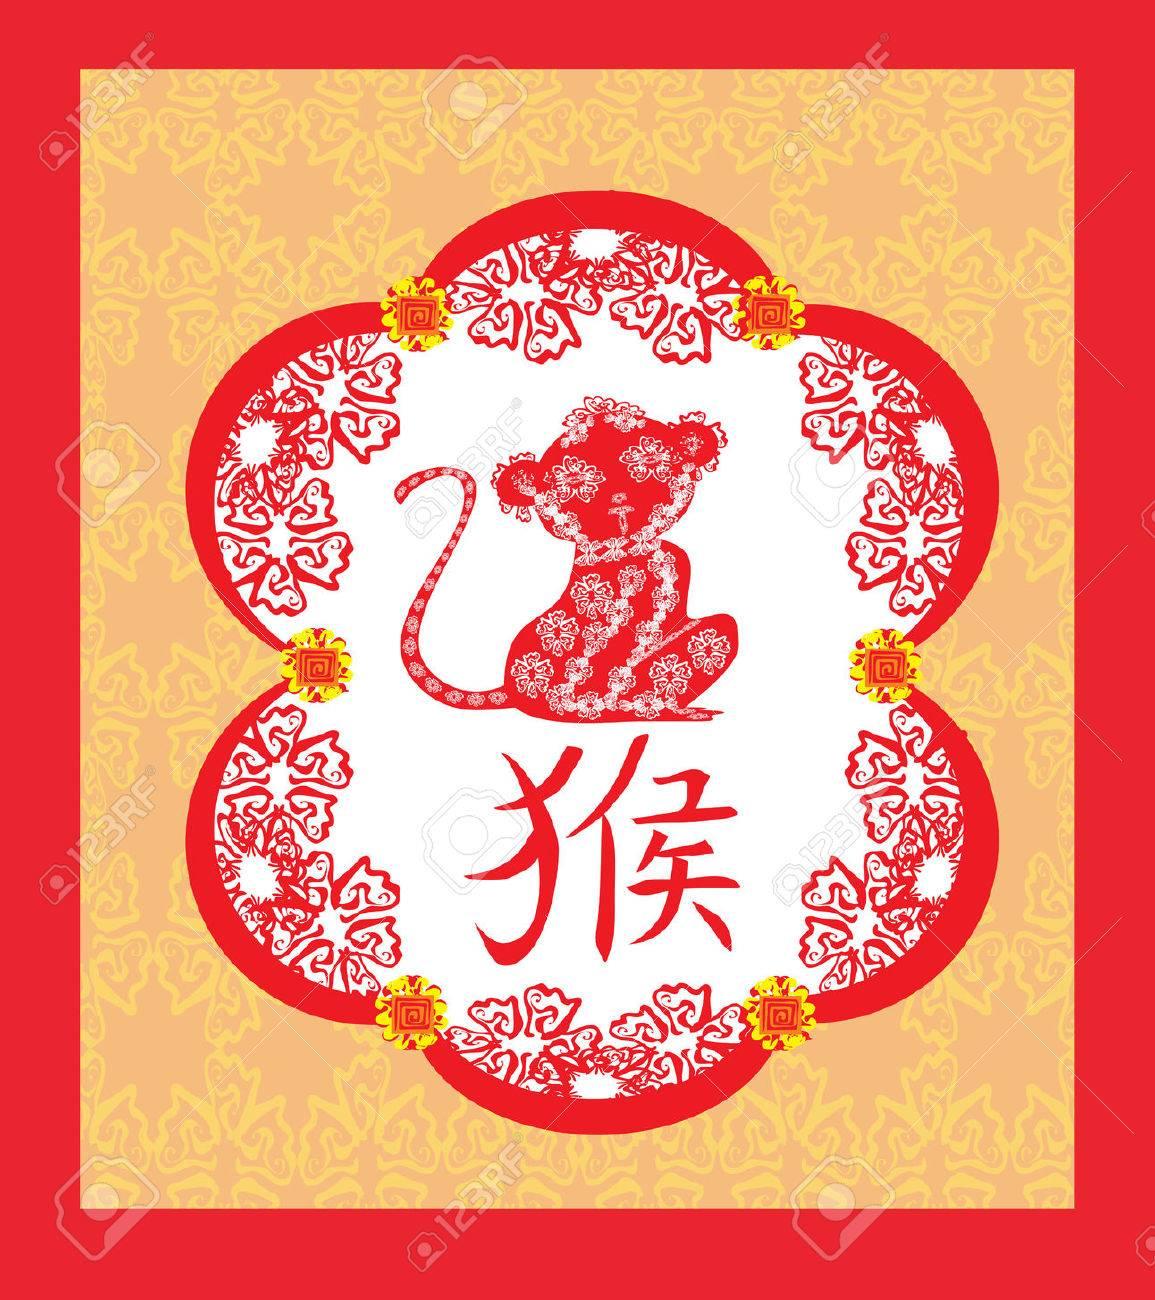 Chinese zodiac signs: monkey - 38210126